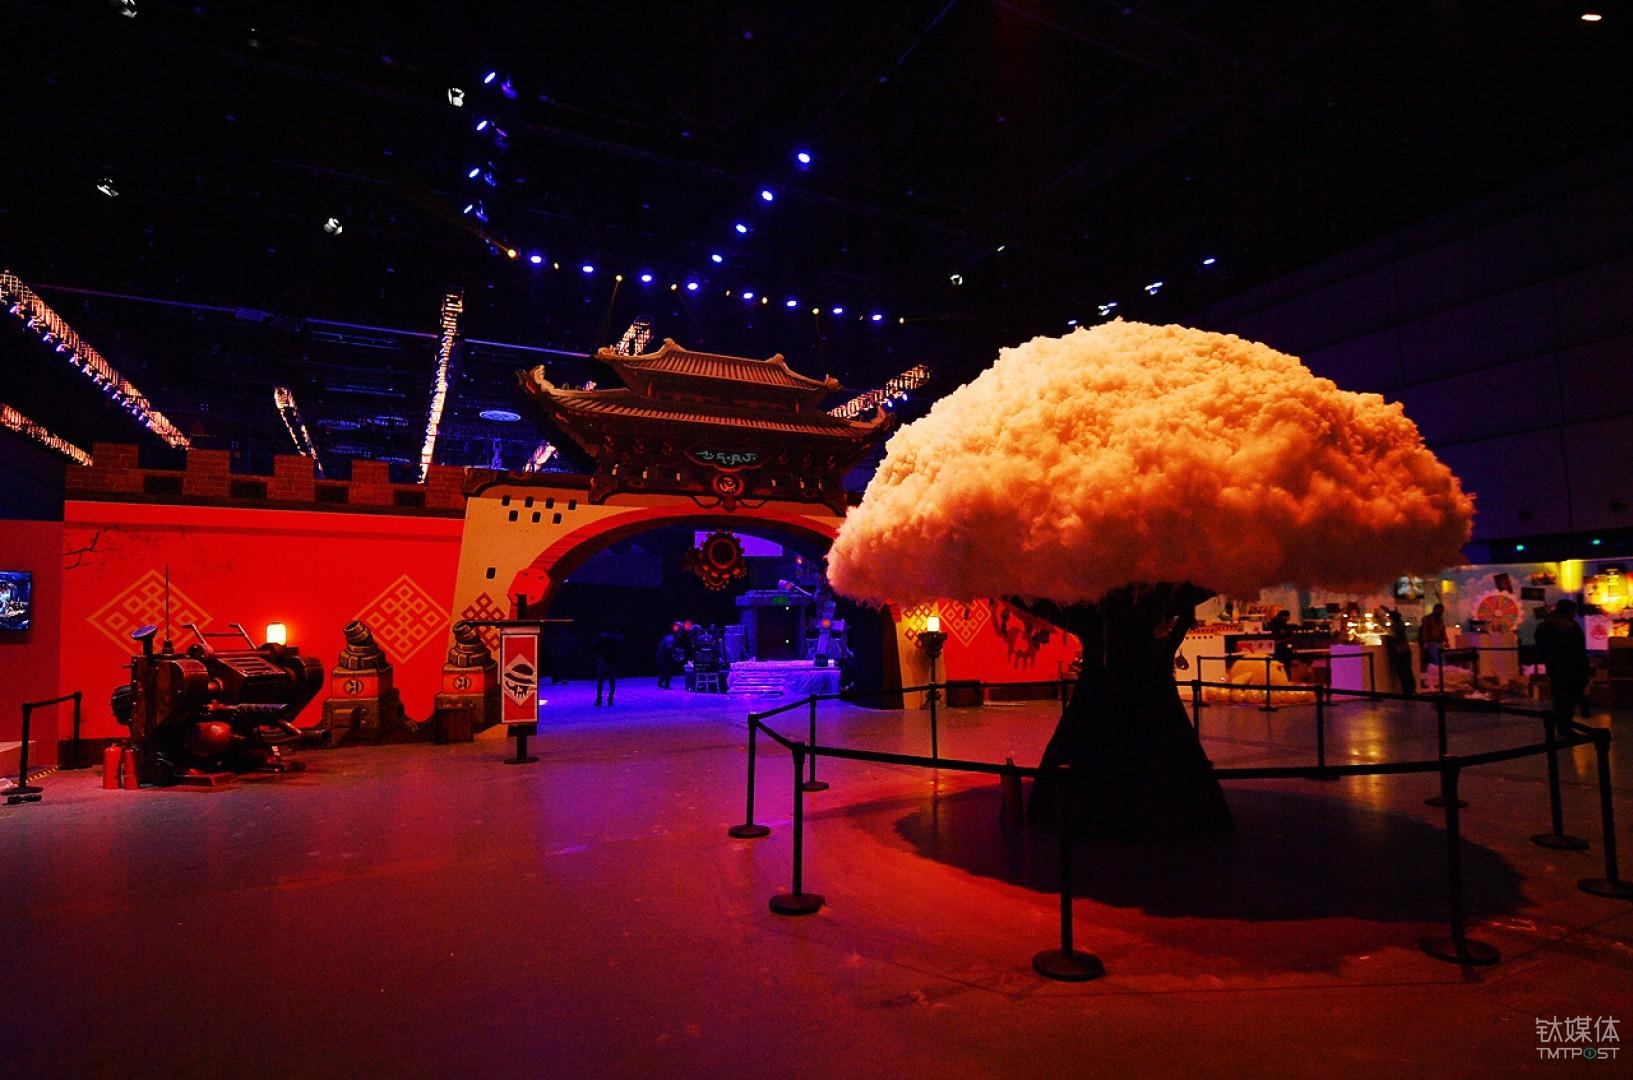 """DNF嘉年华上的微缩世界""""许愿树"""""""